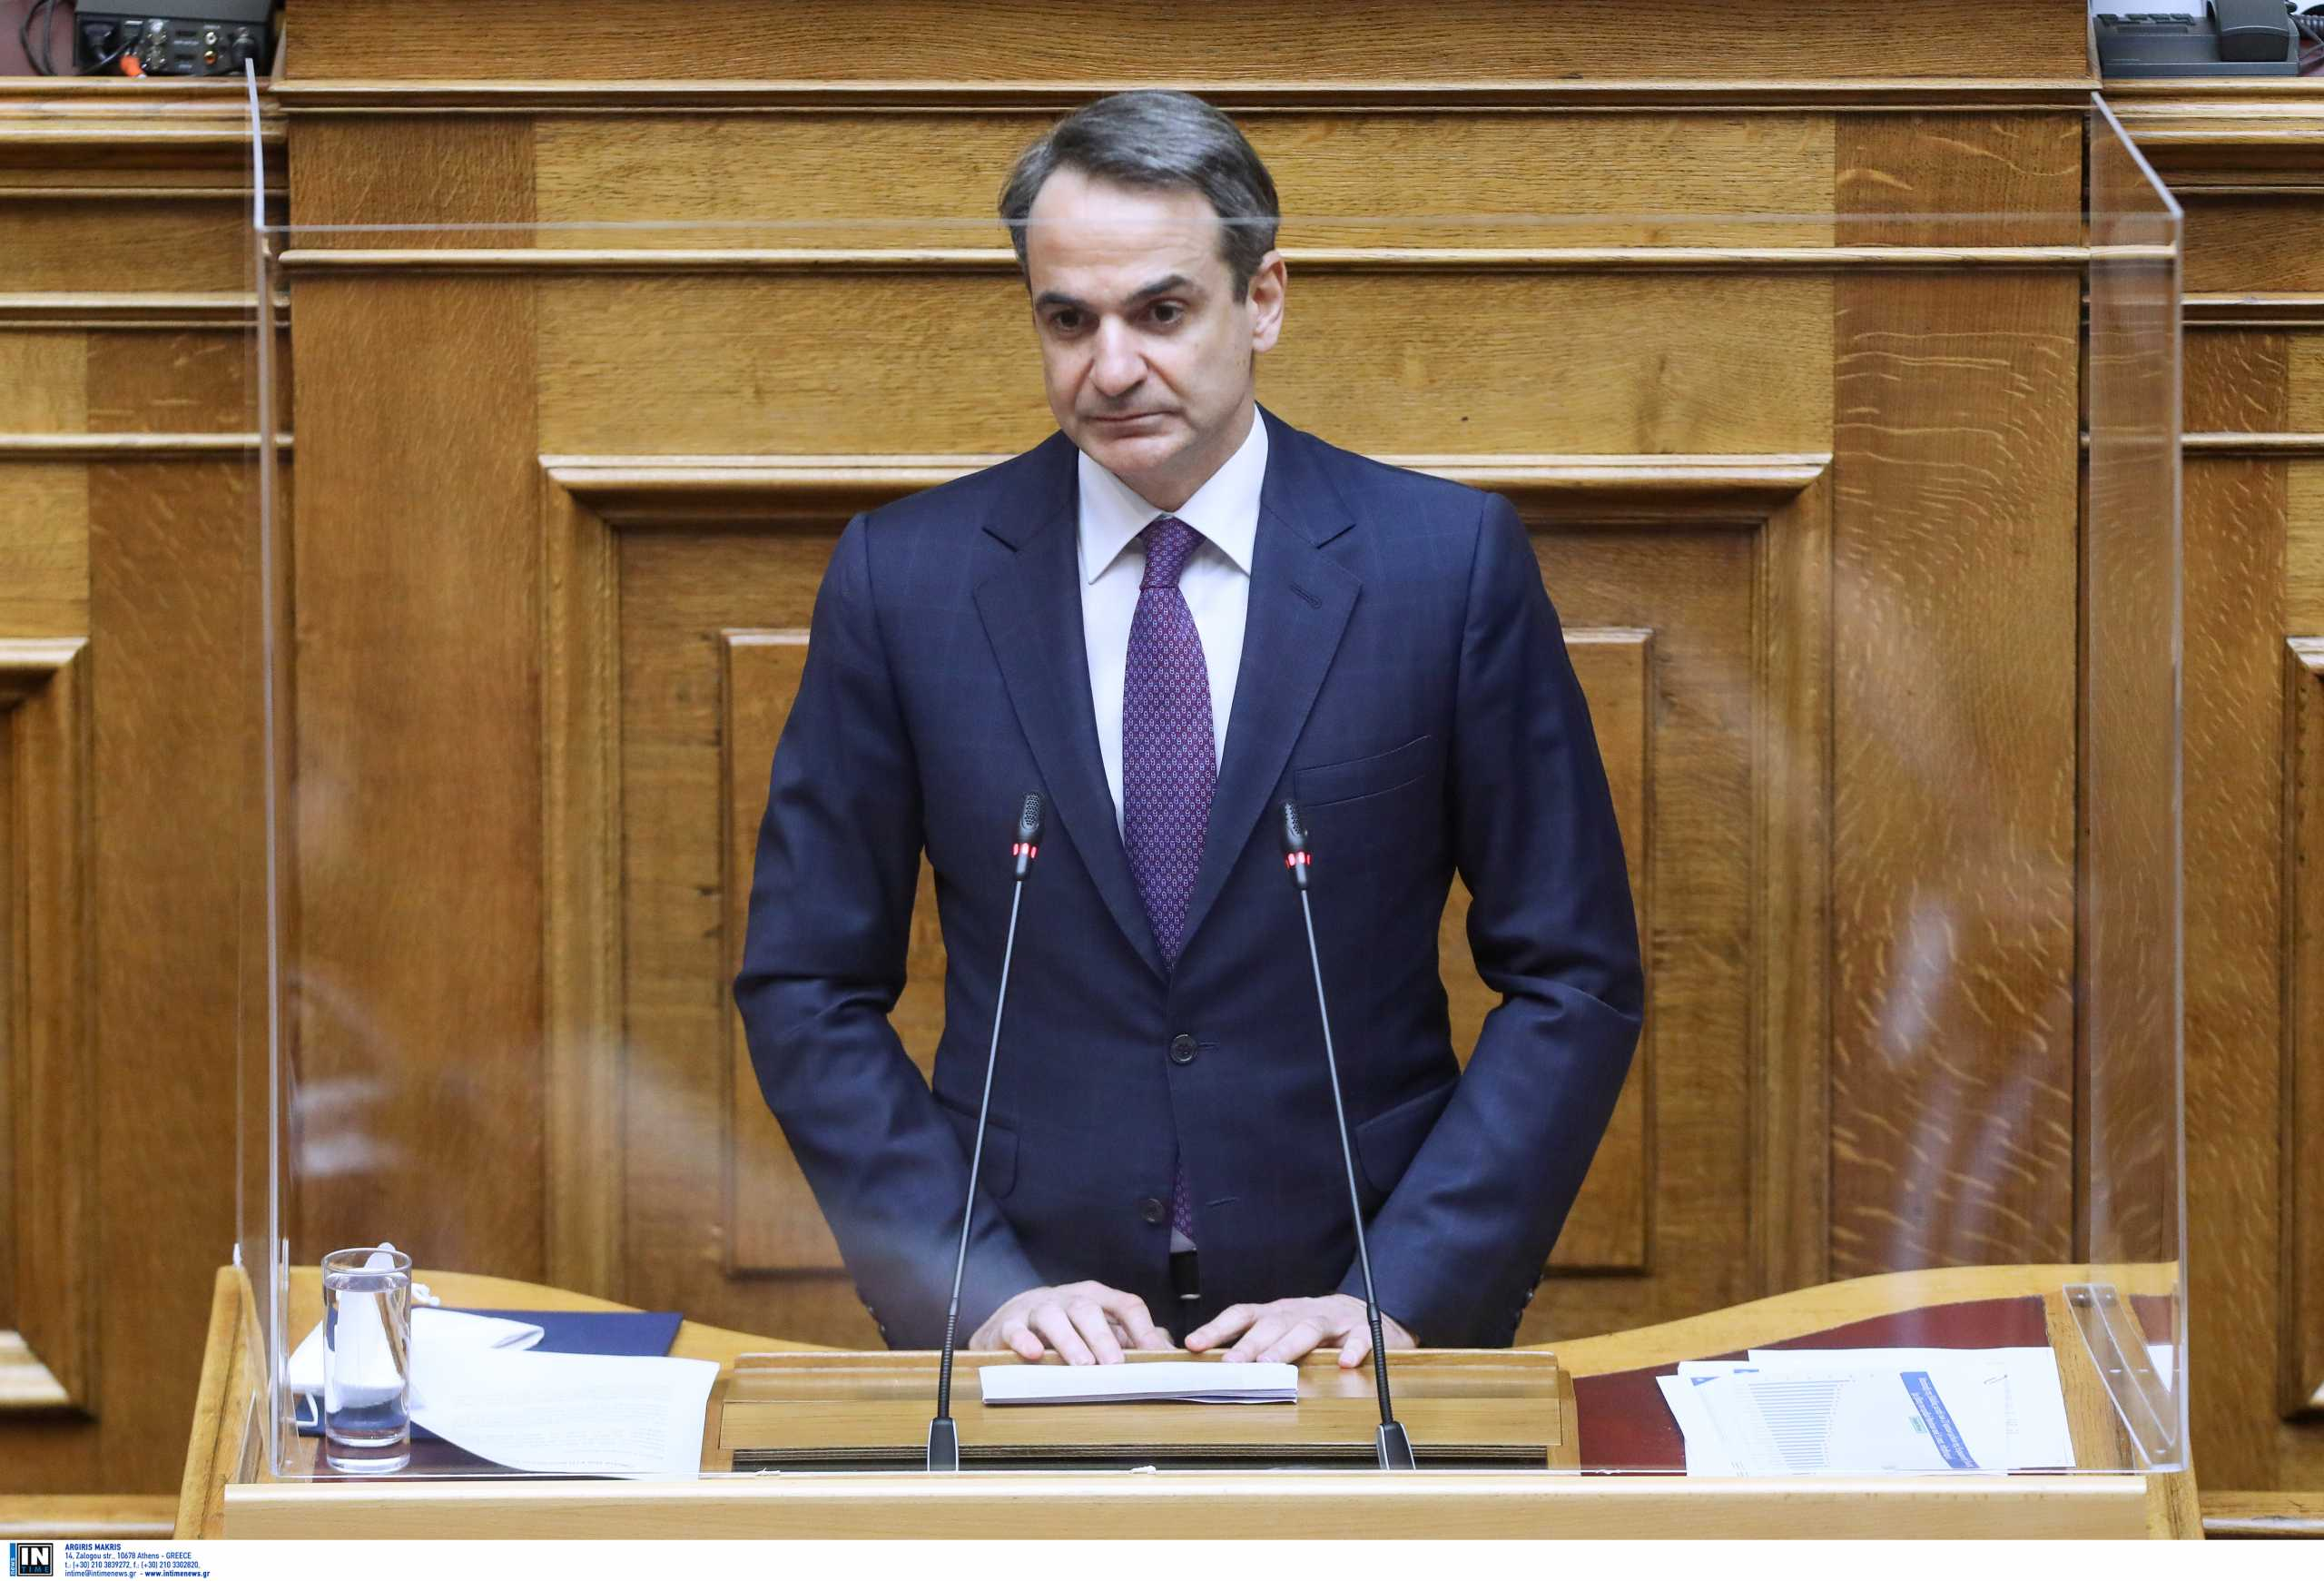 Βουλή: Η ομιλία του πρωθυπουργού για την μετάβαση σε μια κλιματικά ουδέτερη οικονομία